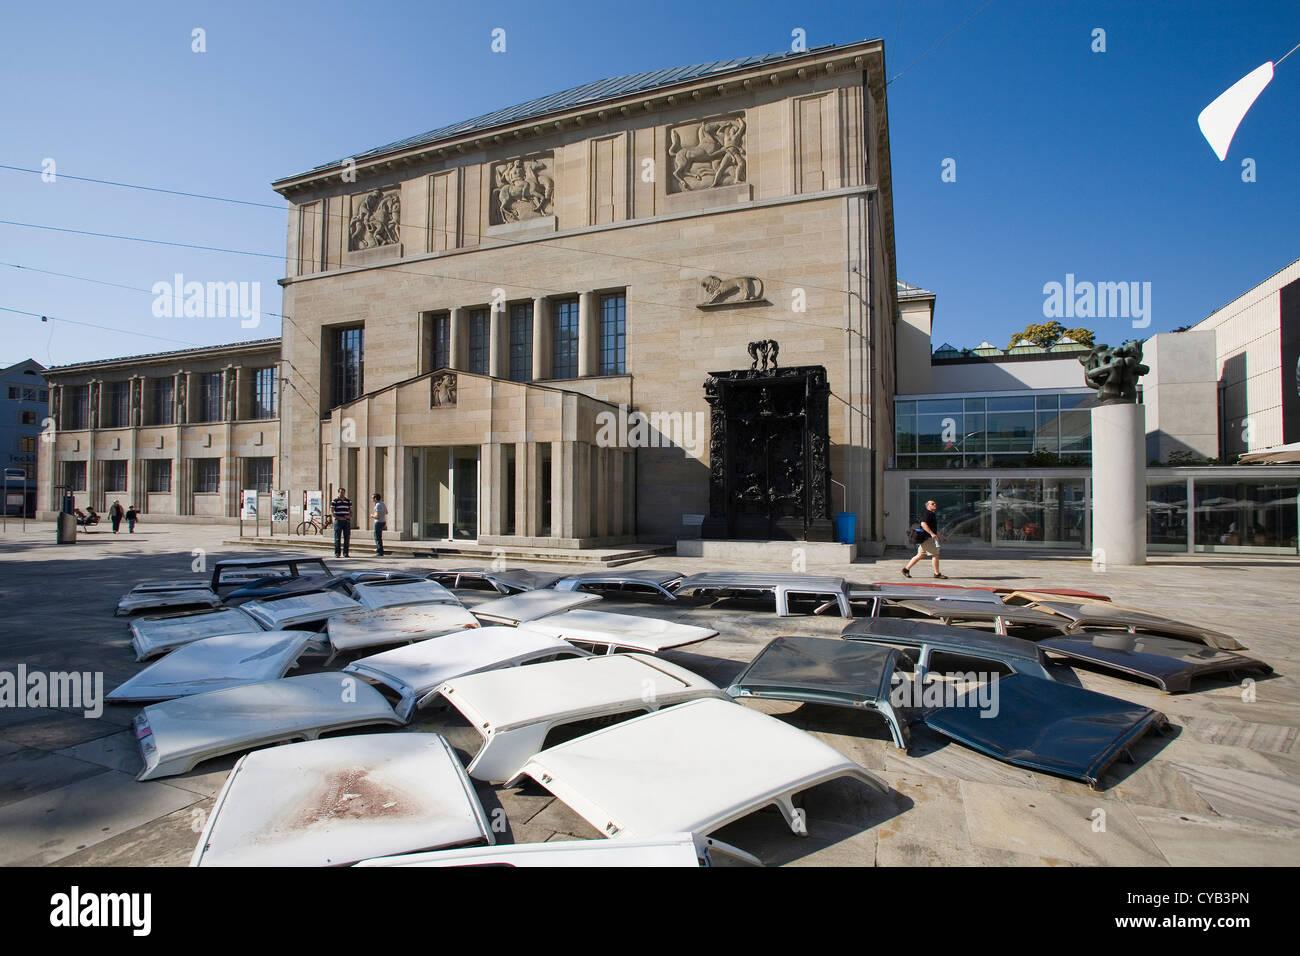 L'Europa, la Svizzera, Zurigo, Kunsthaus, museo d'arte, Installazione da bob gramsma Immagini Stock